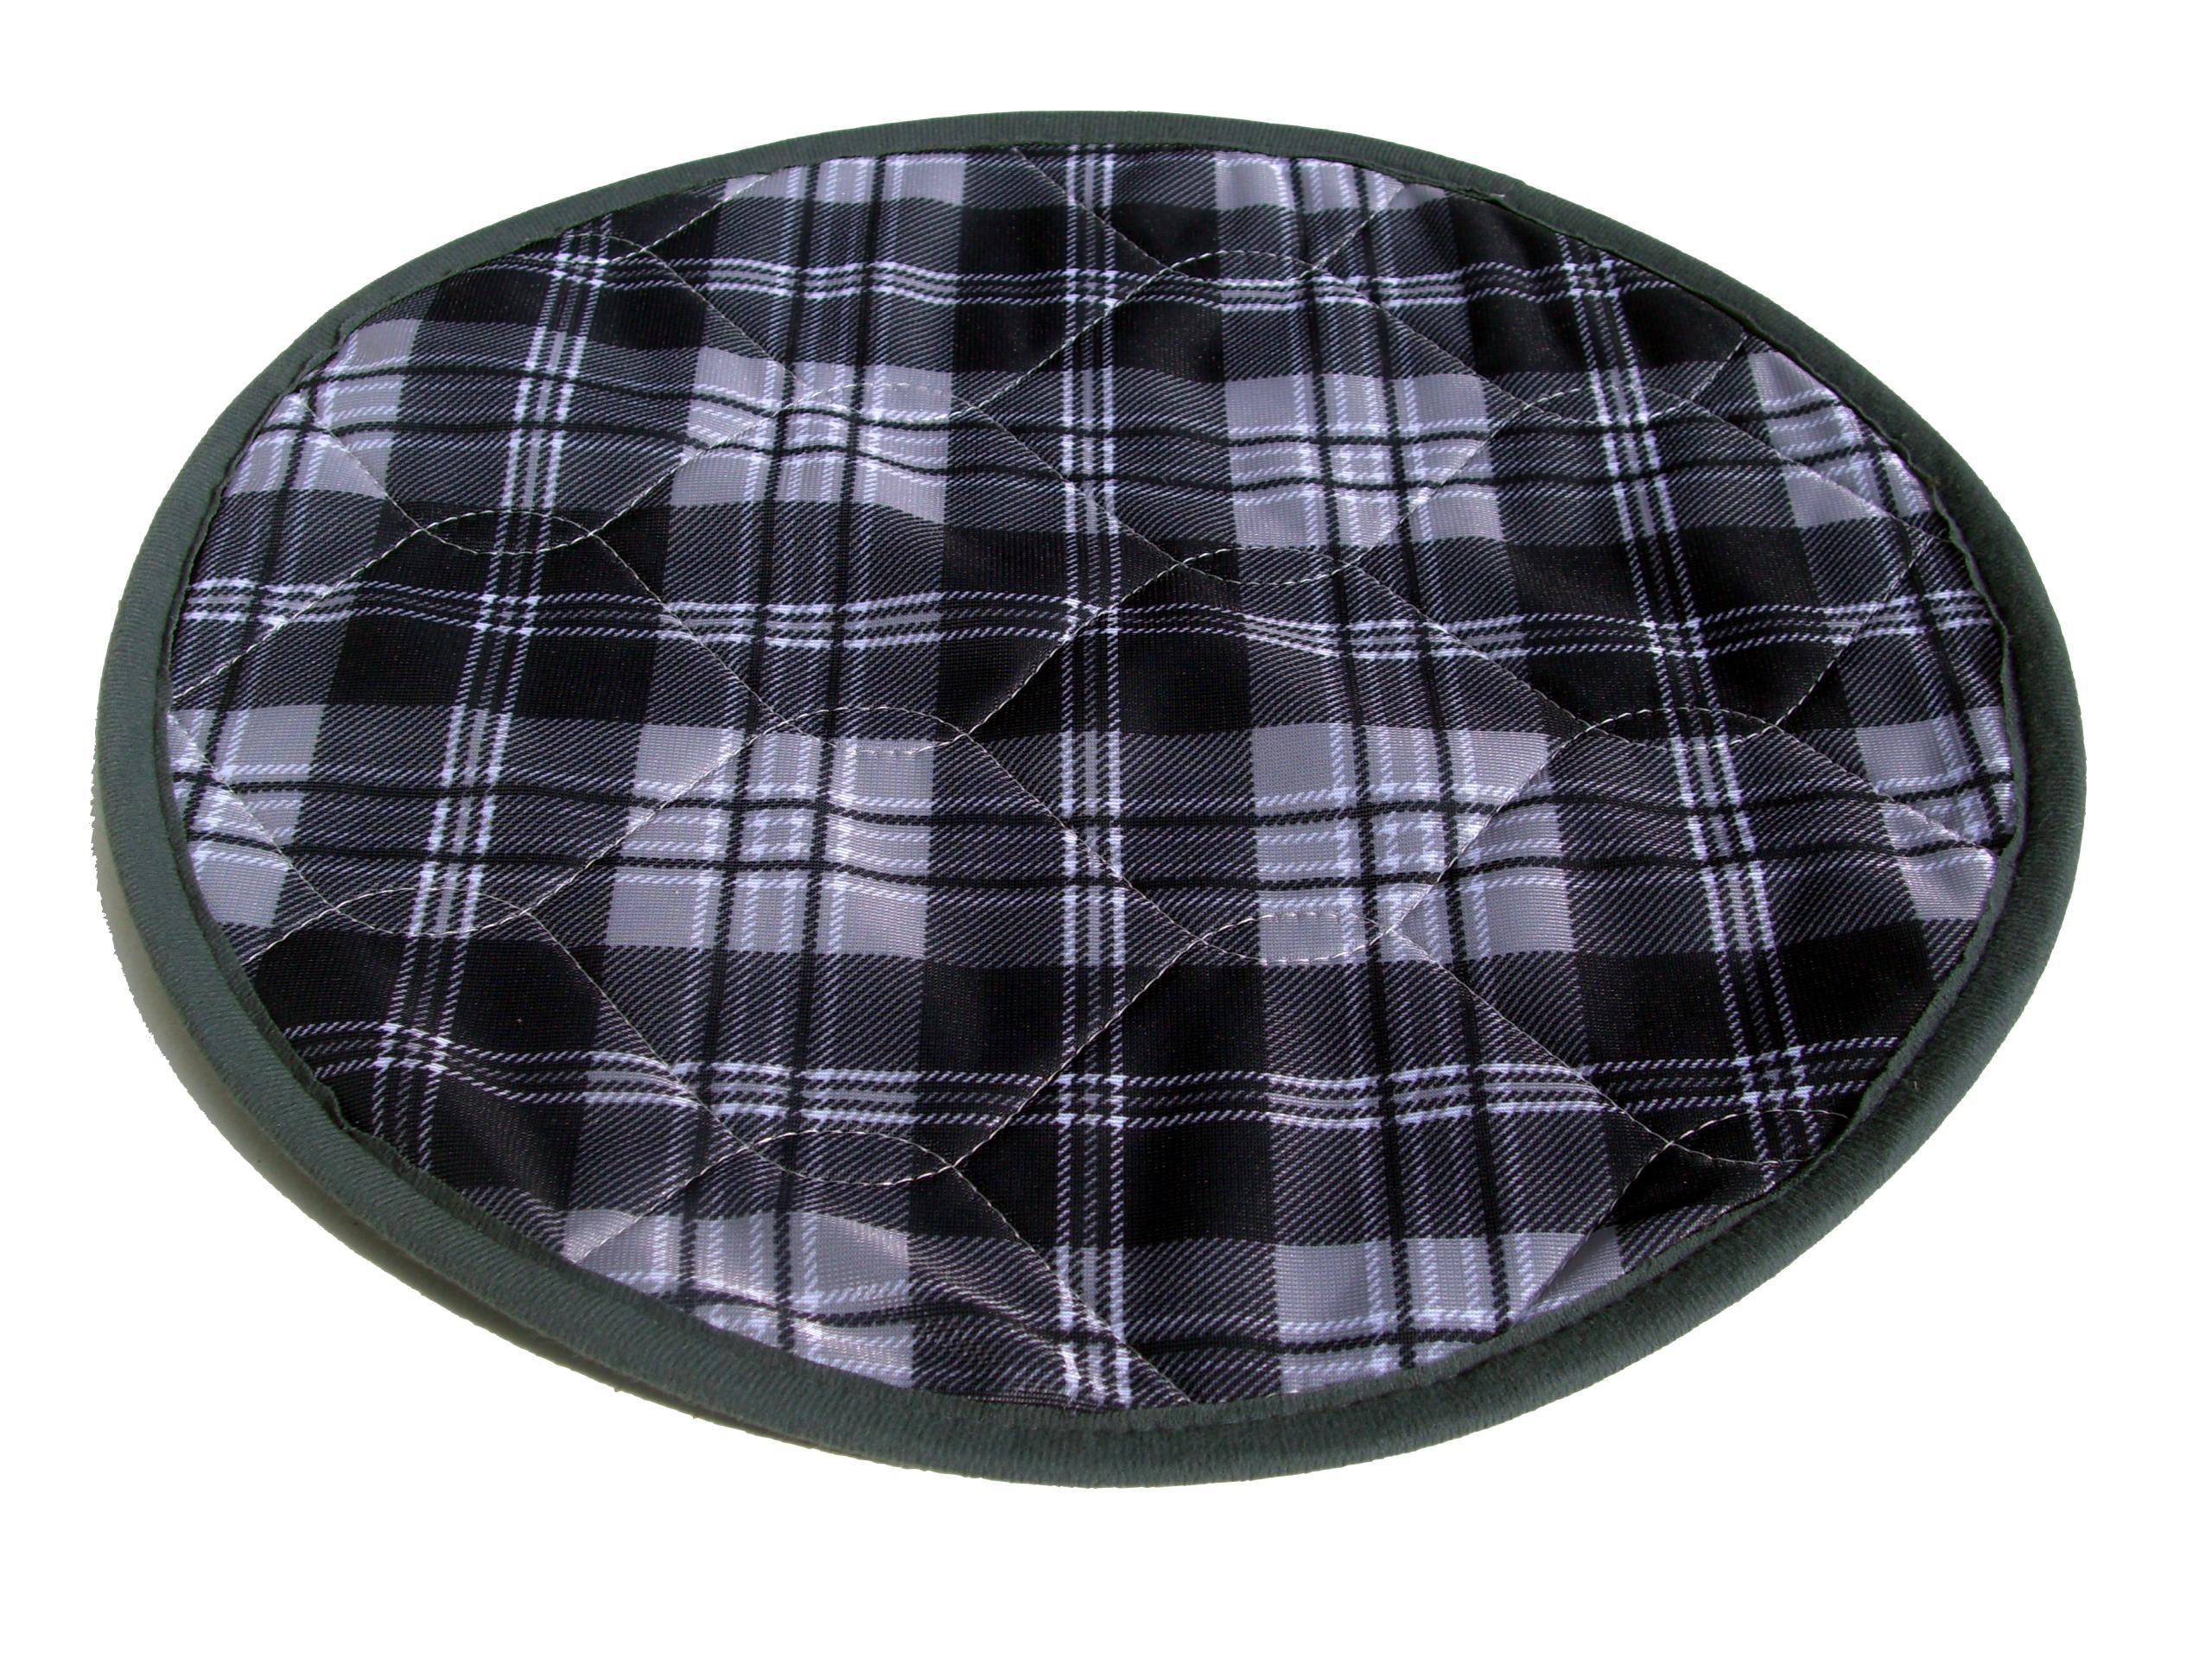 Sleepypod & Sleepypod Air Pet Absorber Pad